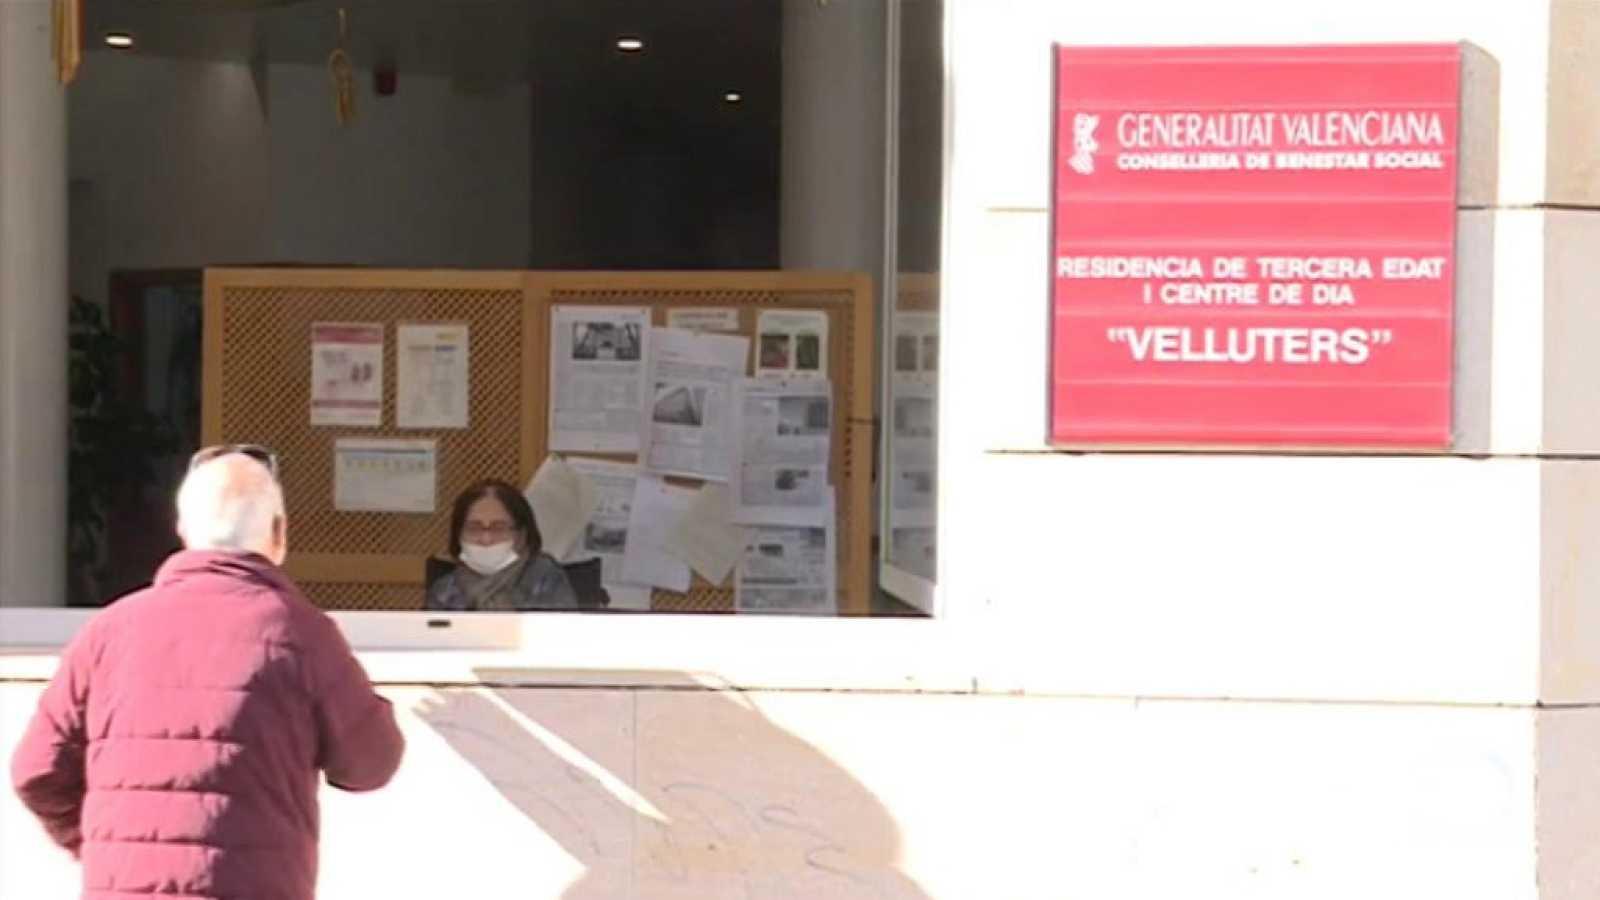 L'Informatiu - Comunitat Valenciana 2 - 24/11/20 - ver ahora